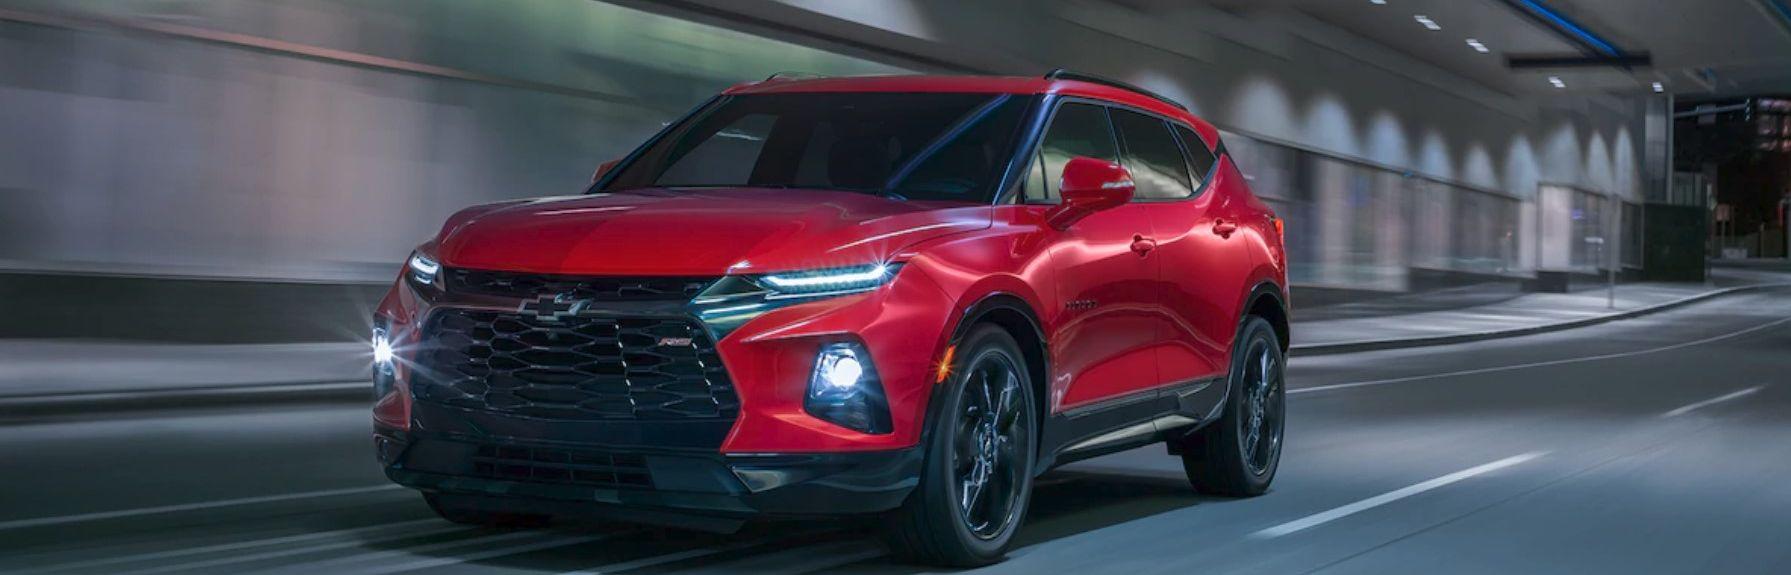 2019 Chevrolet Blazer for Sale near Merrillville, IN